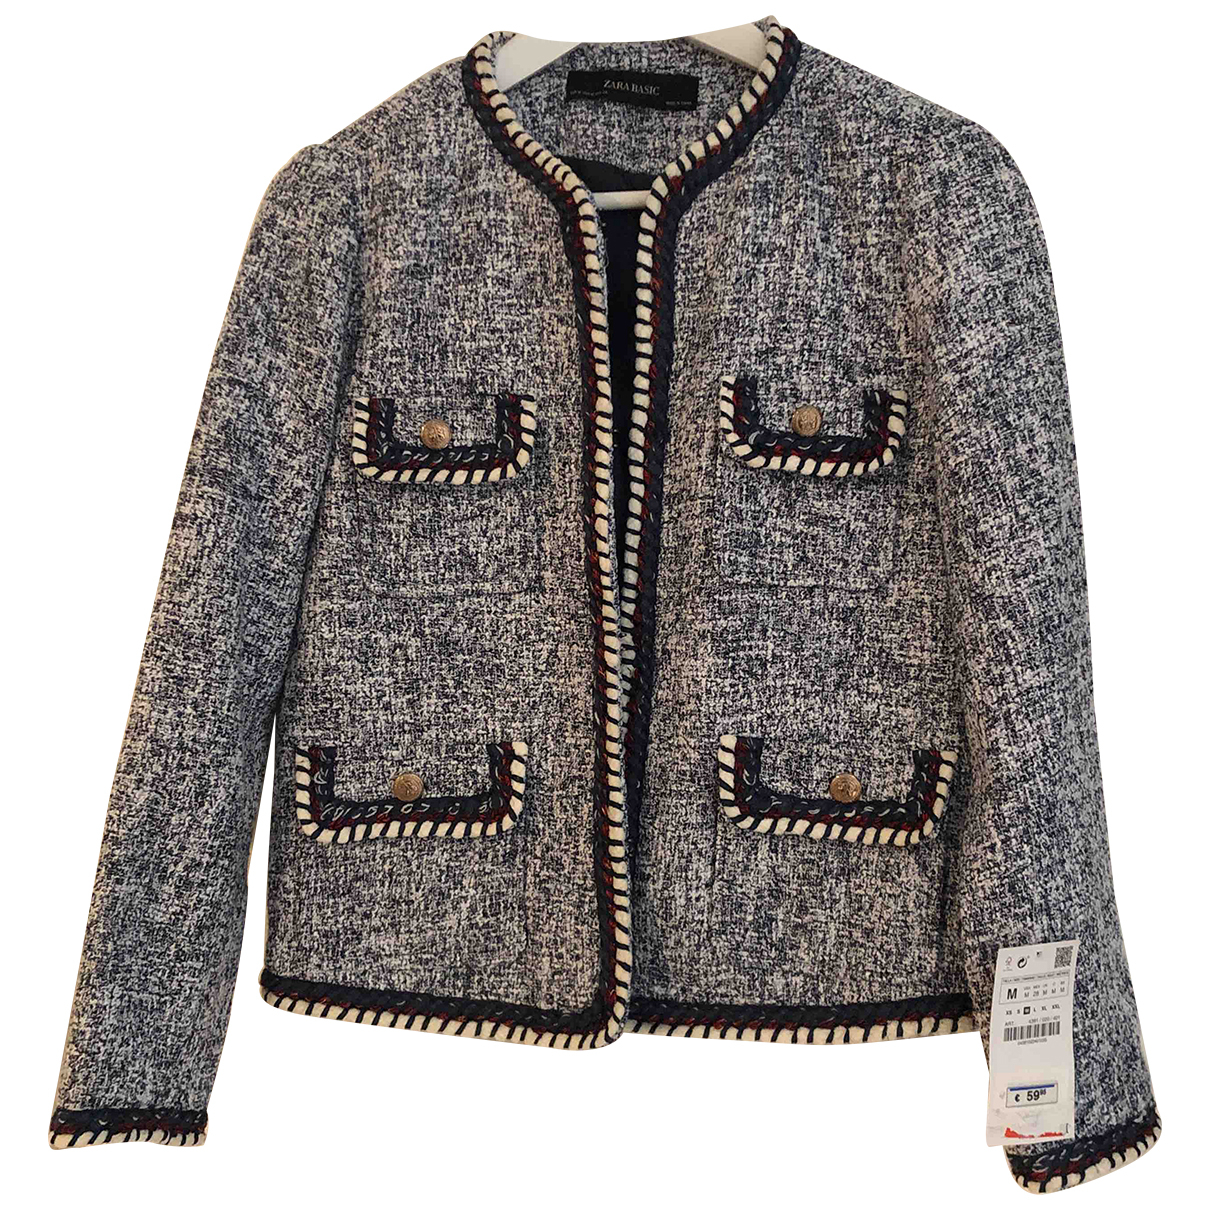 Zara \N Blue jacket for Women M International